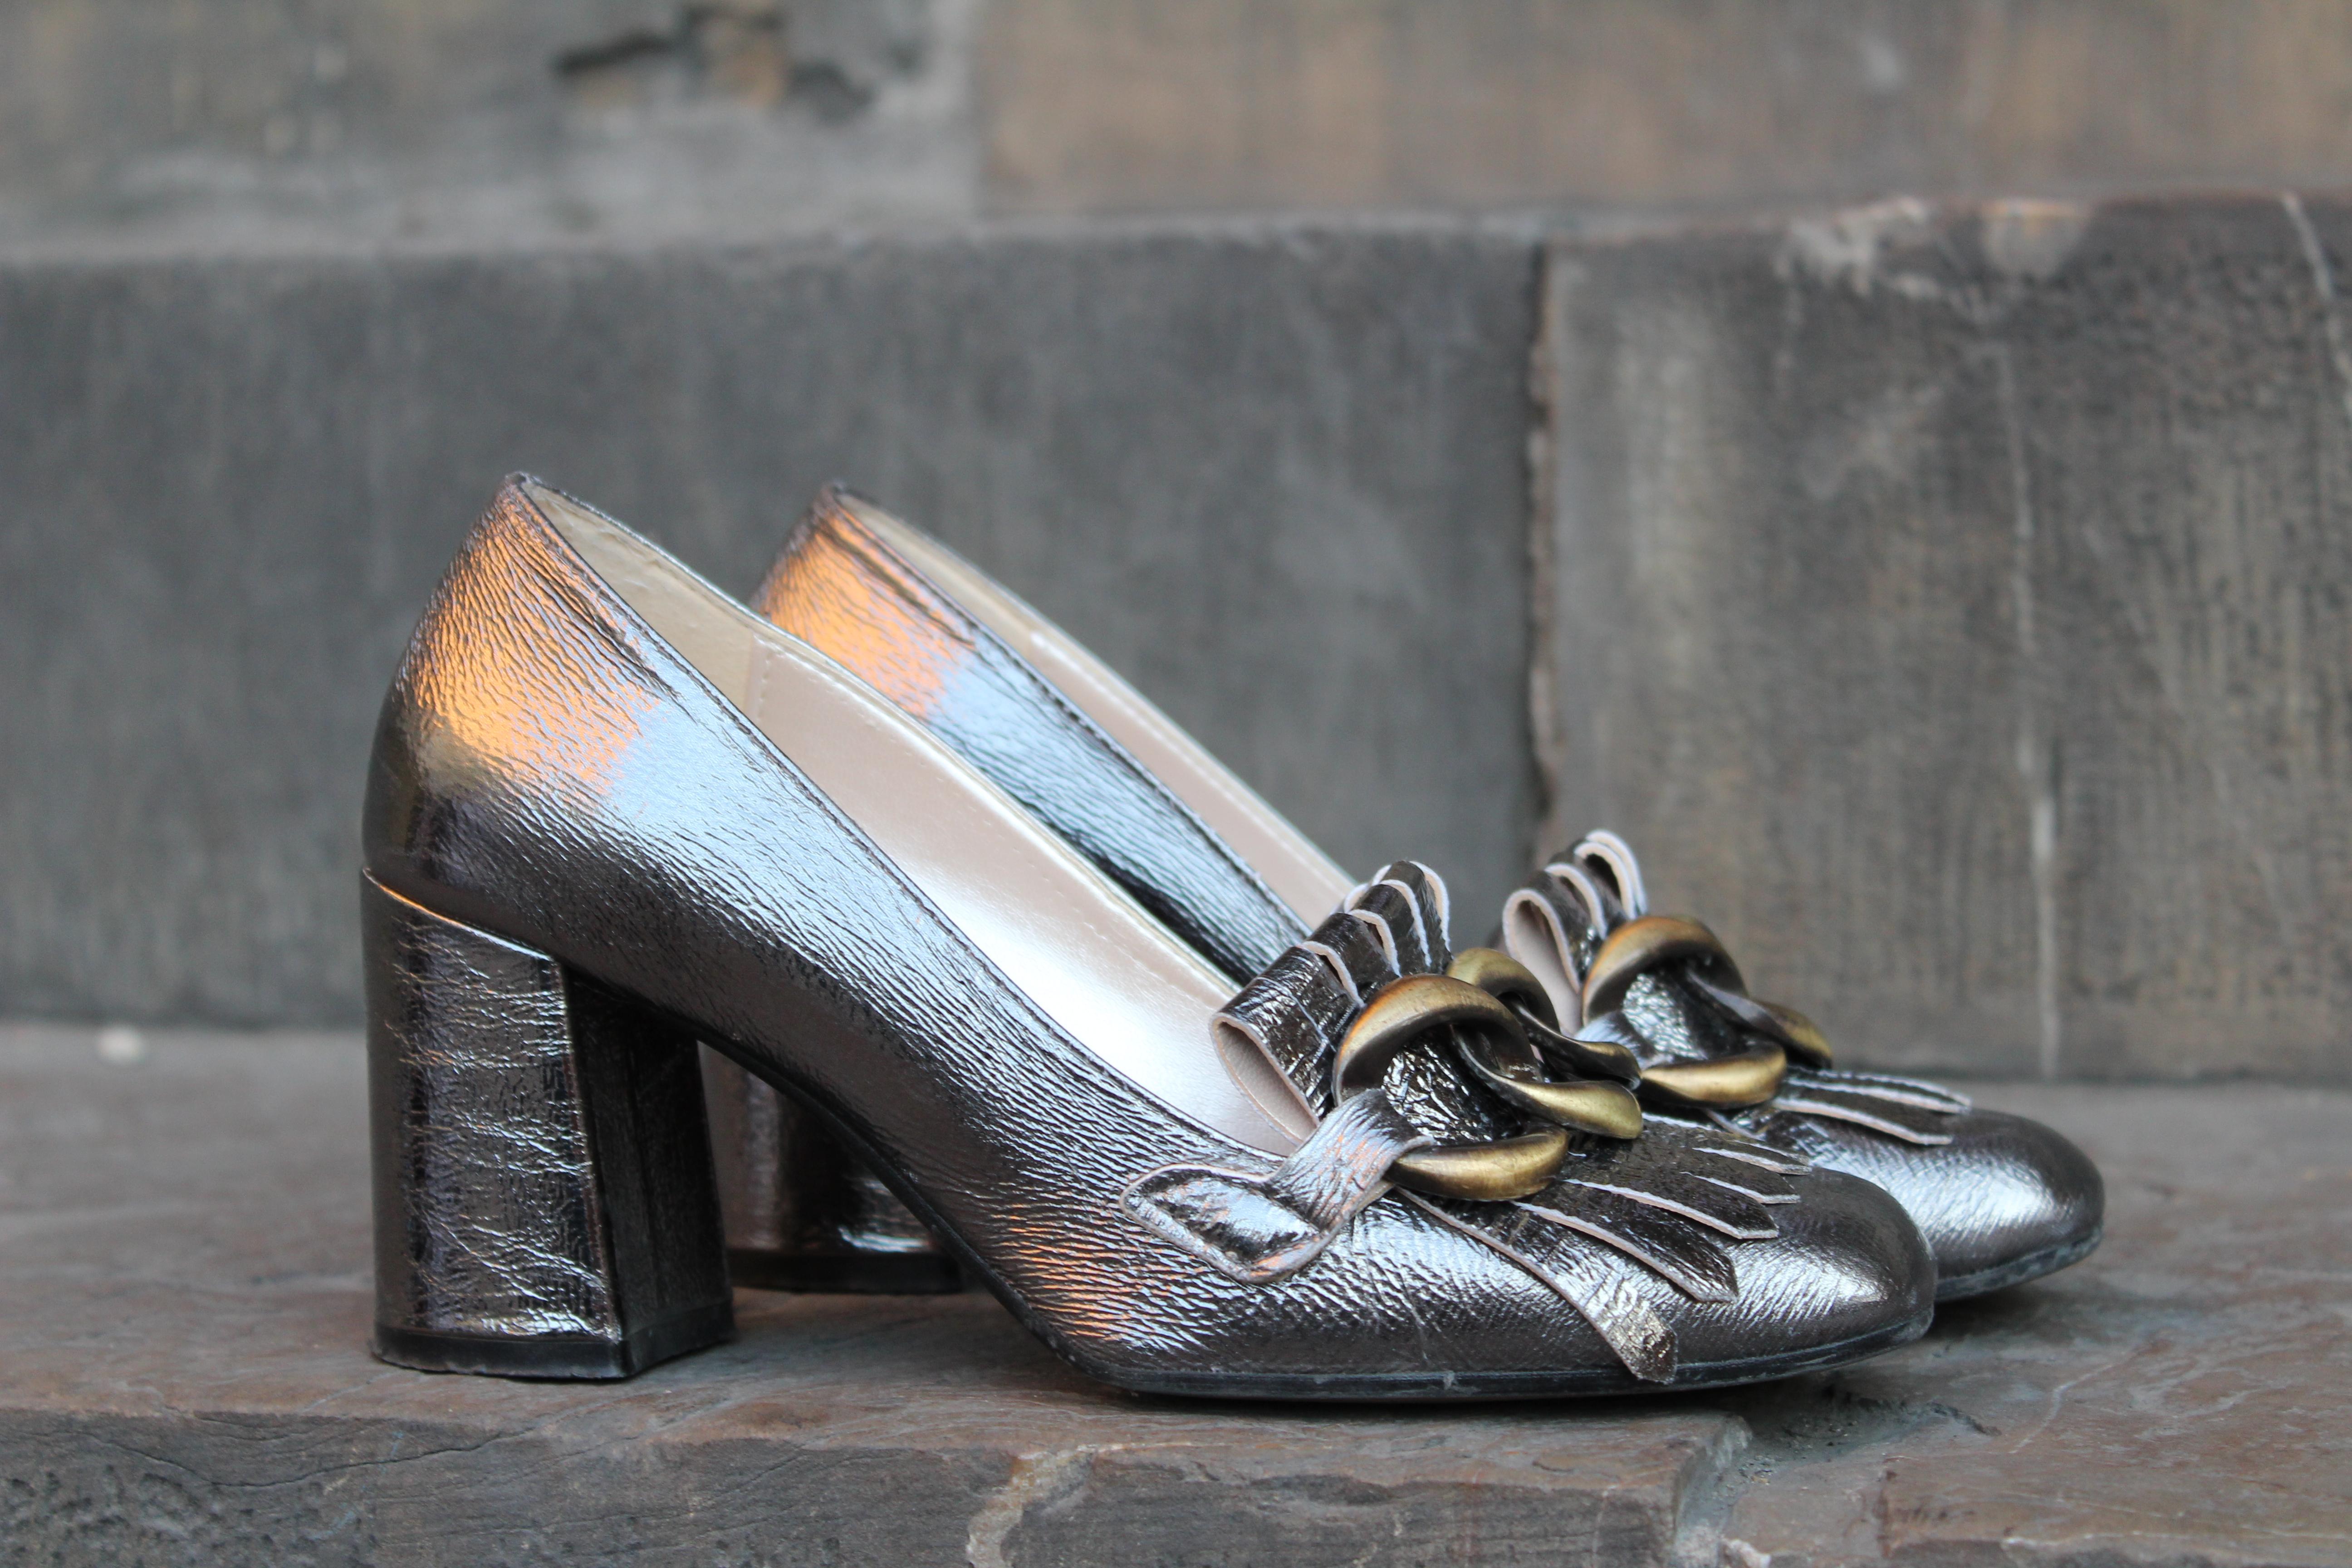 Scarpe argentate, il must have della primavera da riproporre a fine estate